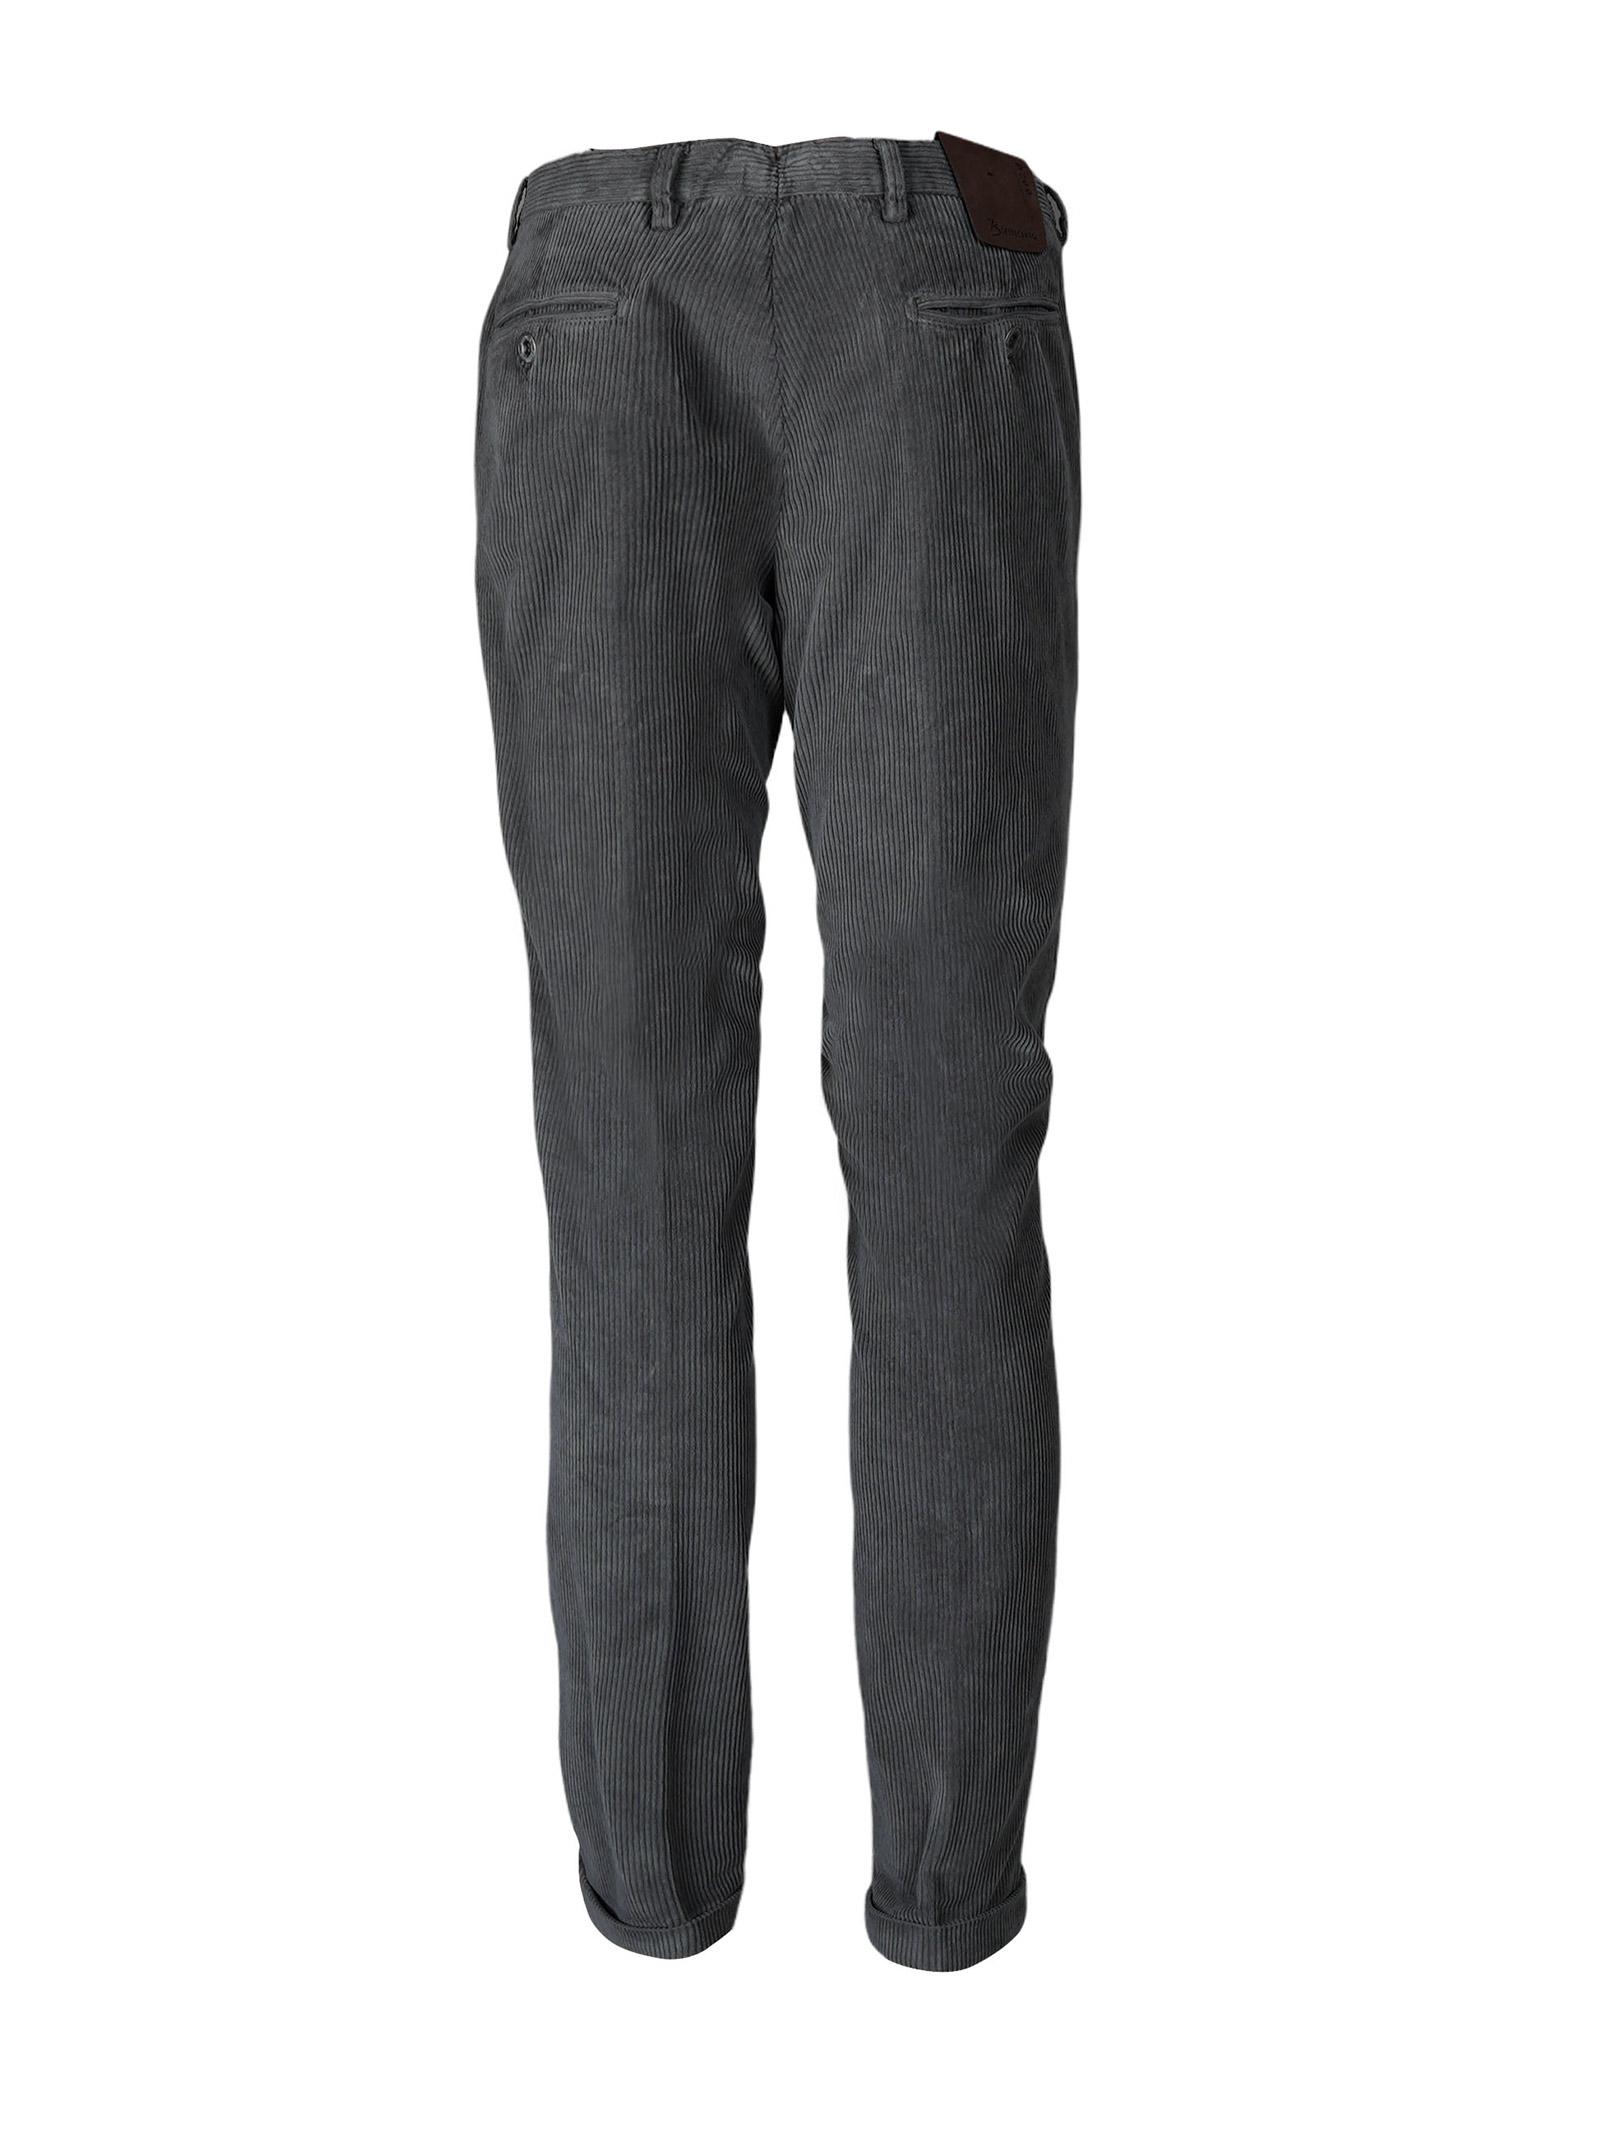 B700 | Pantaloni | MH713 200943